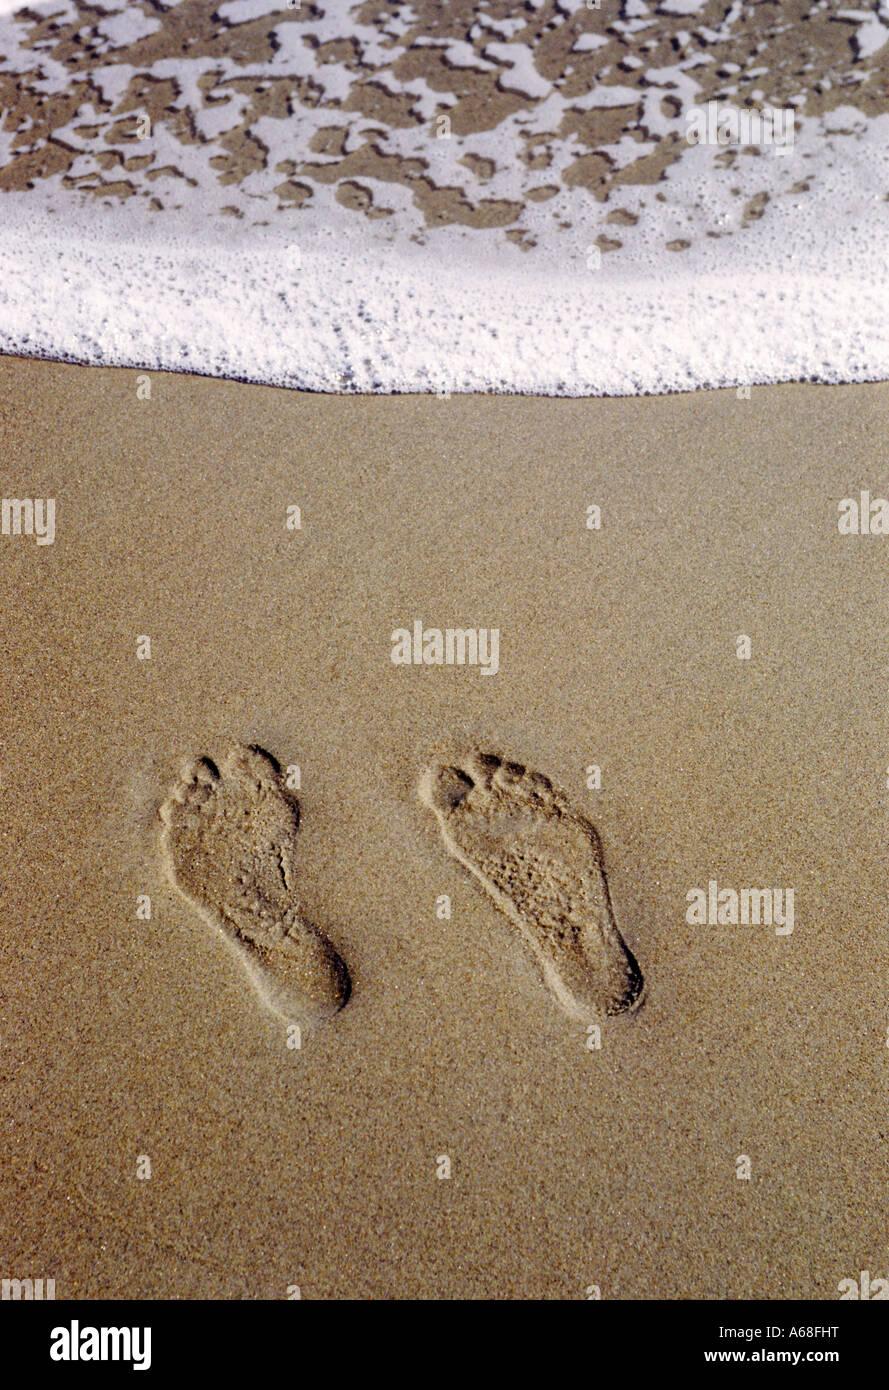 Empreintes de pieds dans le sable Photo Stock